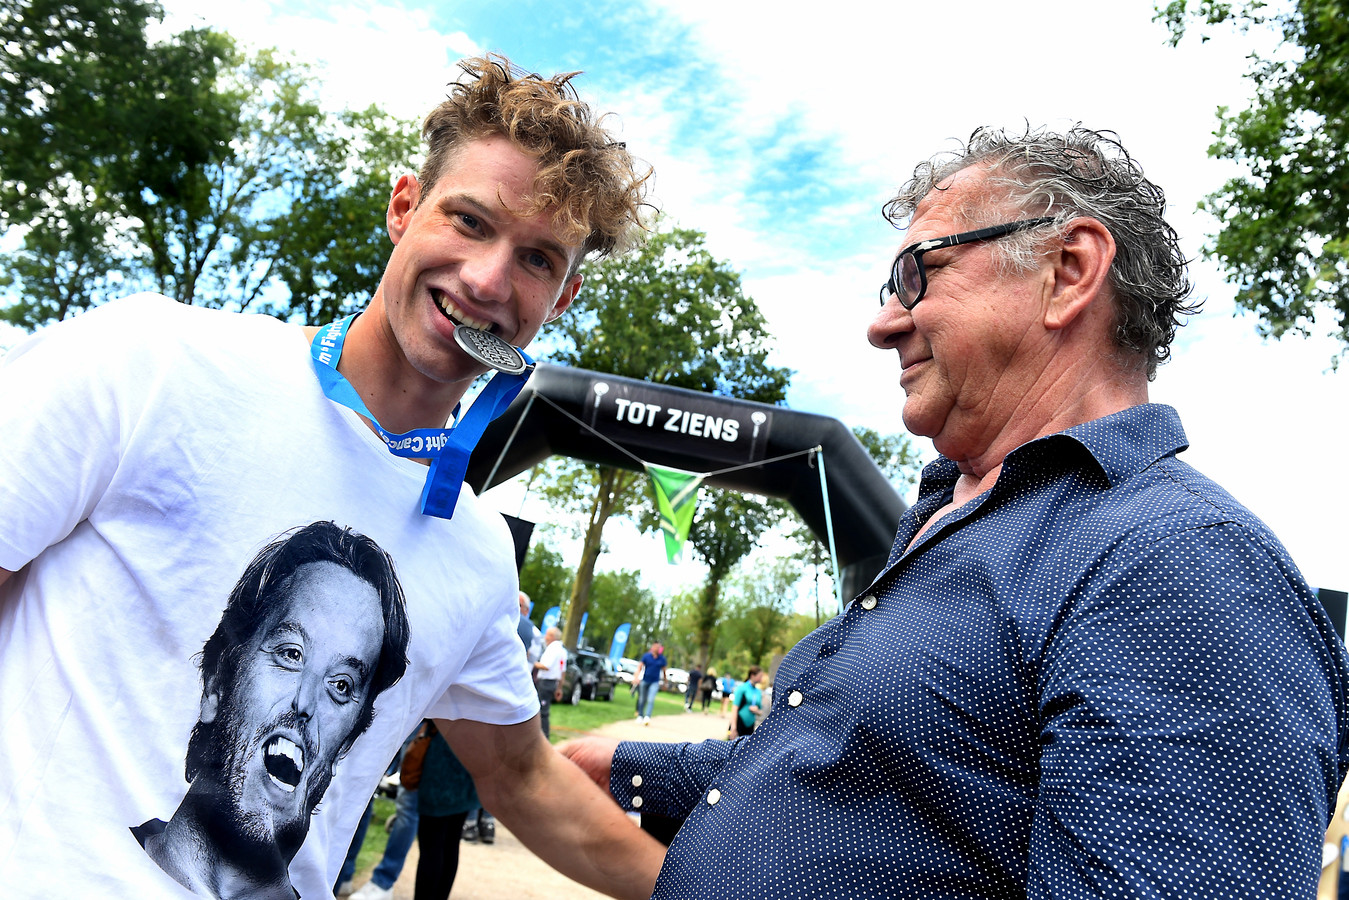 Deelnemer Noud van de Louw en zijn vader vieren de geslaagde zwemtocht Swim to Fight Cancer. ,,Dat krijg je dan, de ene traan lokt de andere uit.''